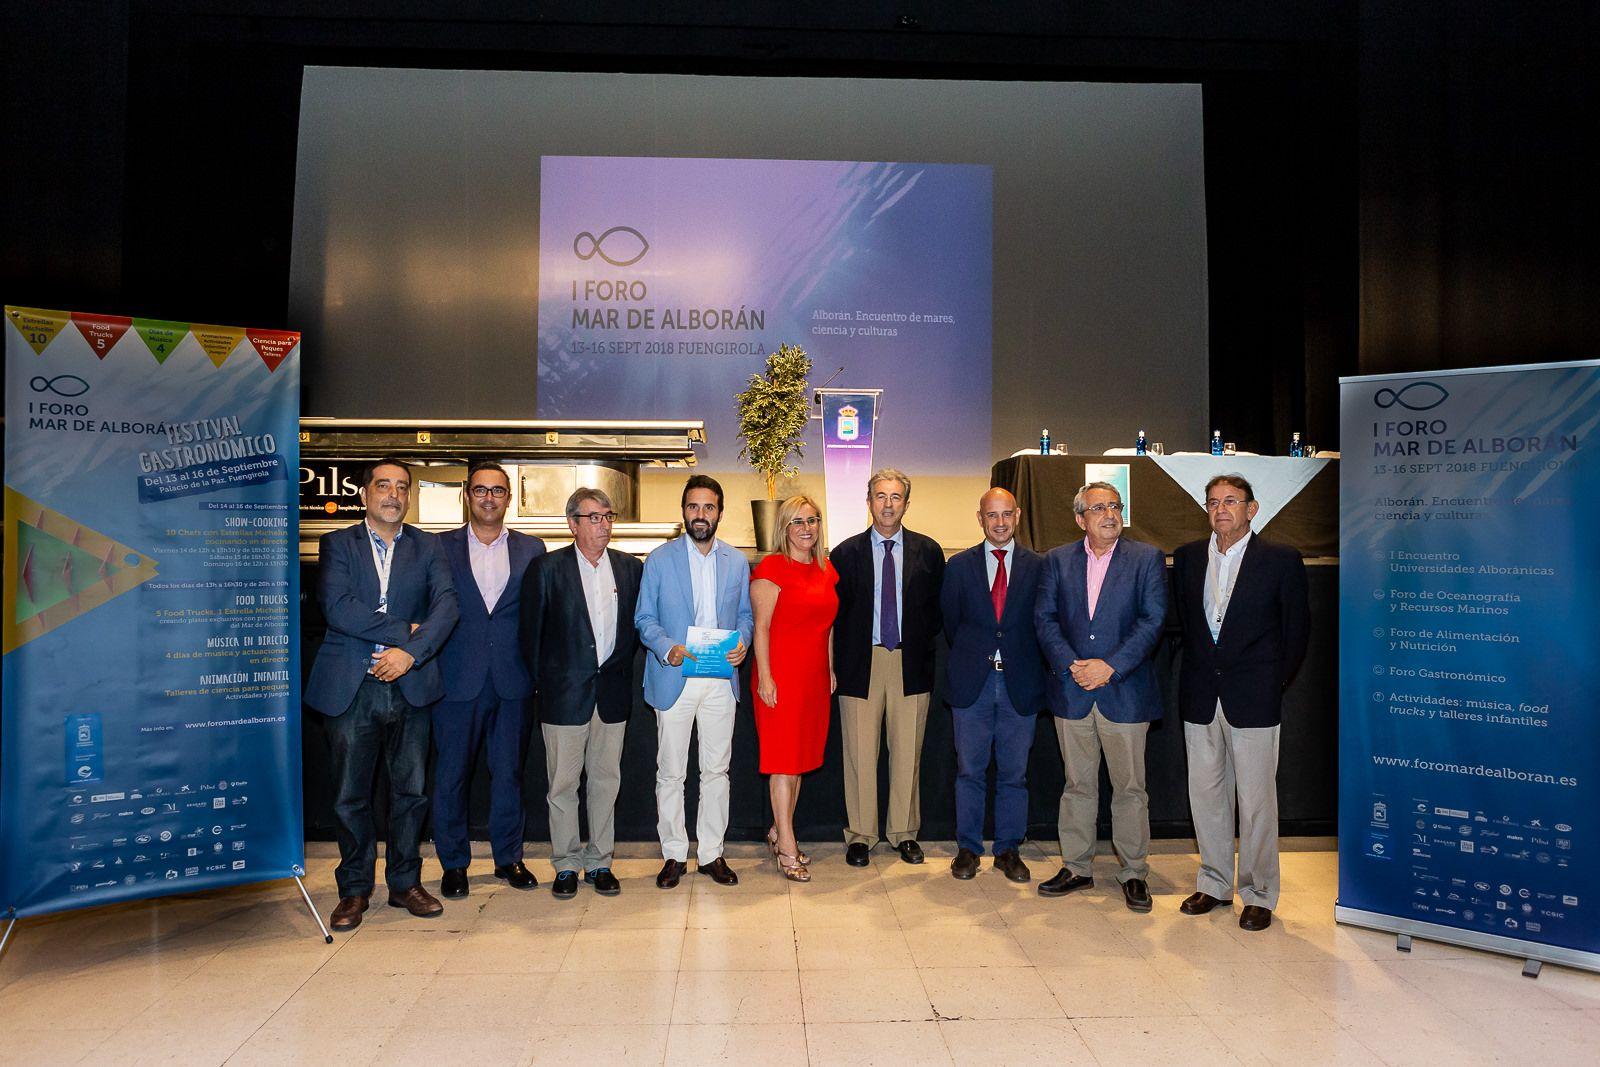 Fotografia Foto de familia inauguración Foro